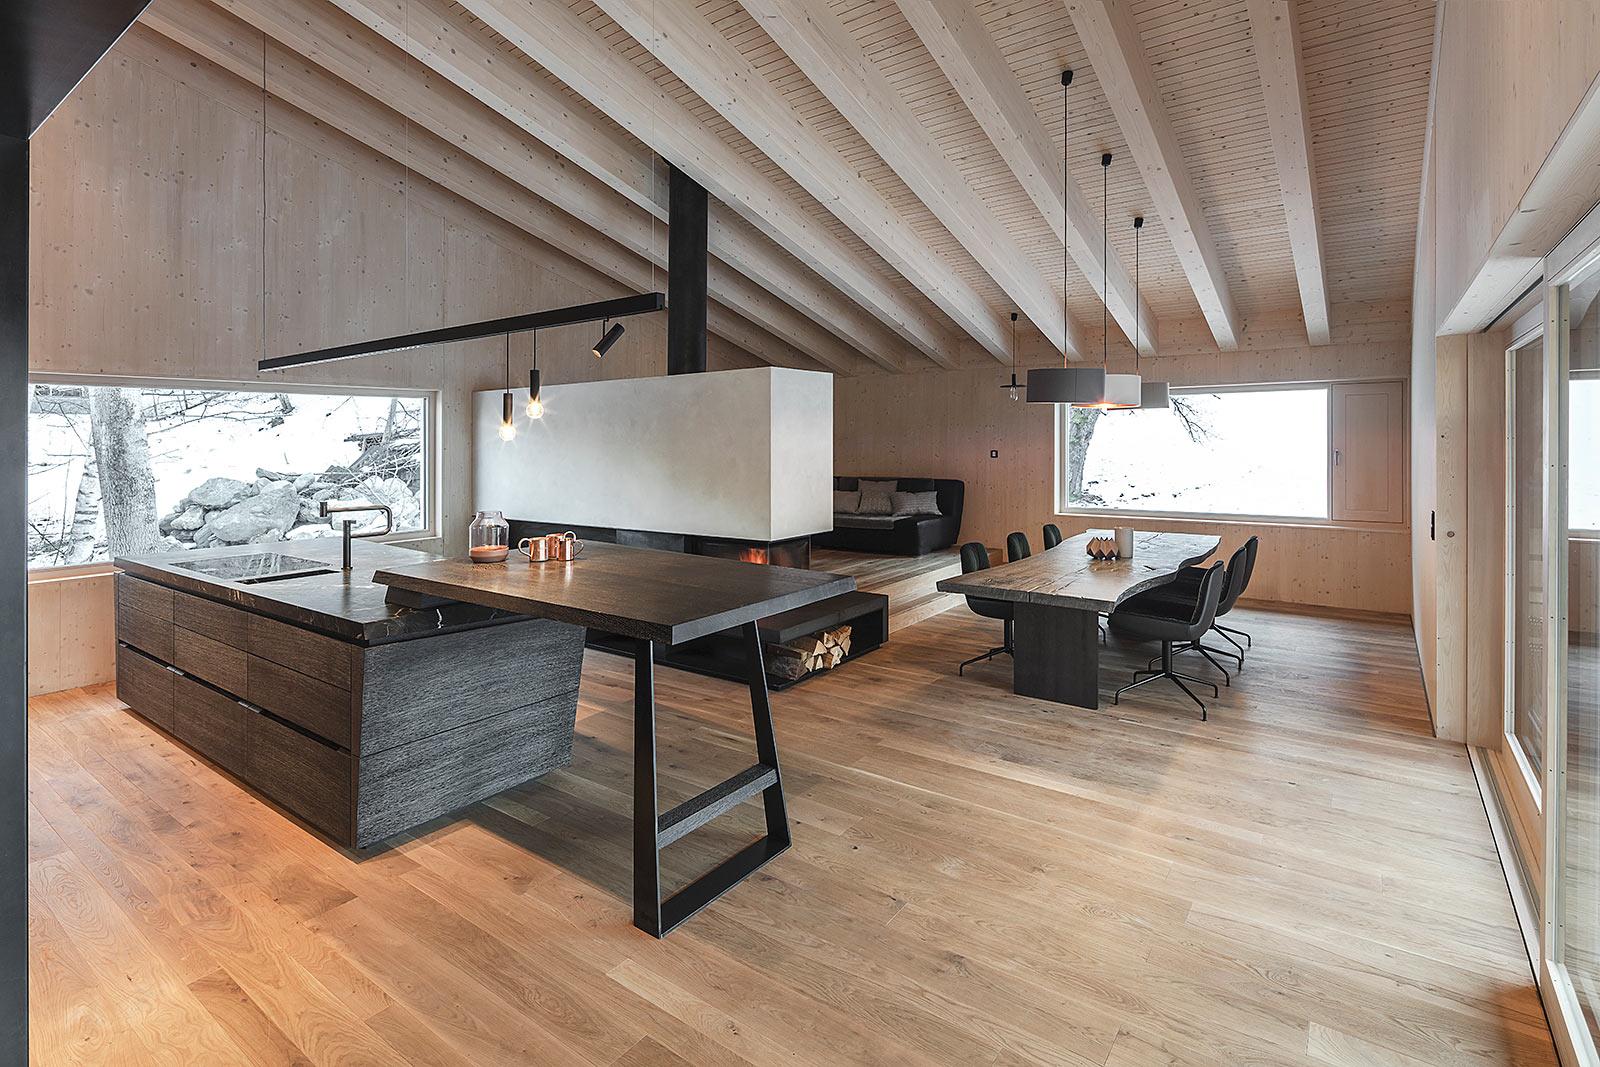 Wohnraum mit Küche und Kamin